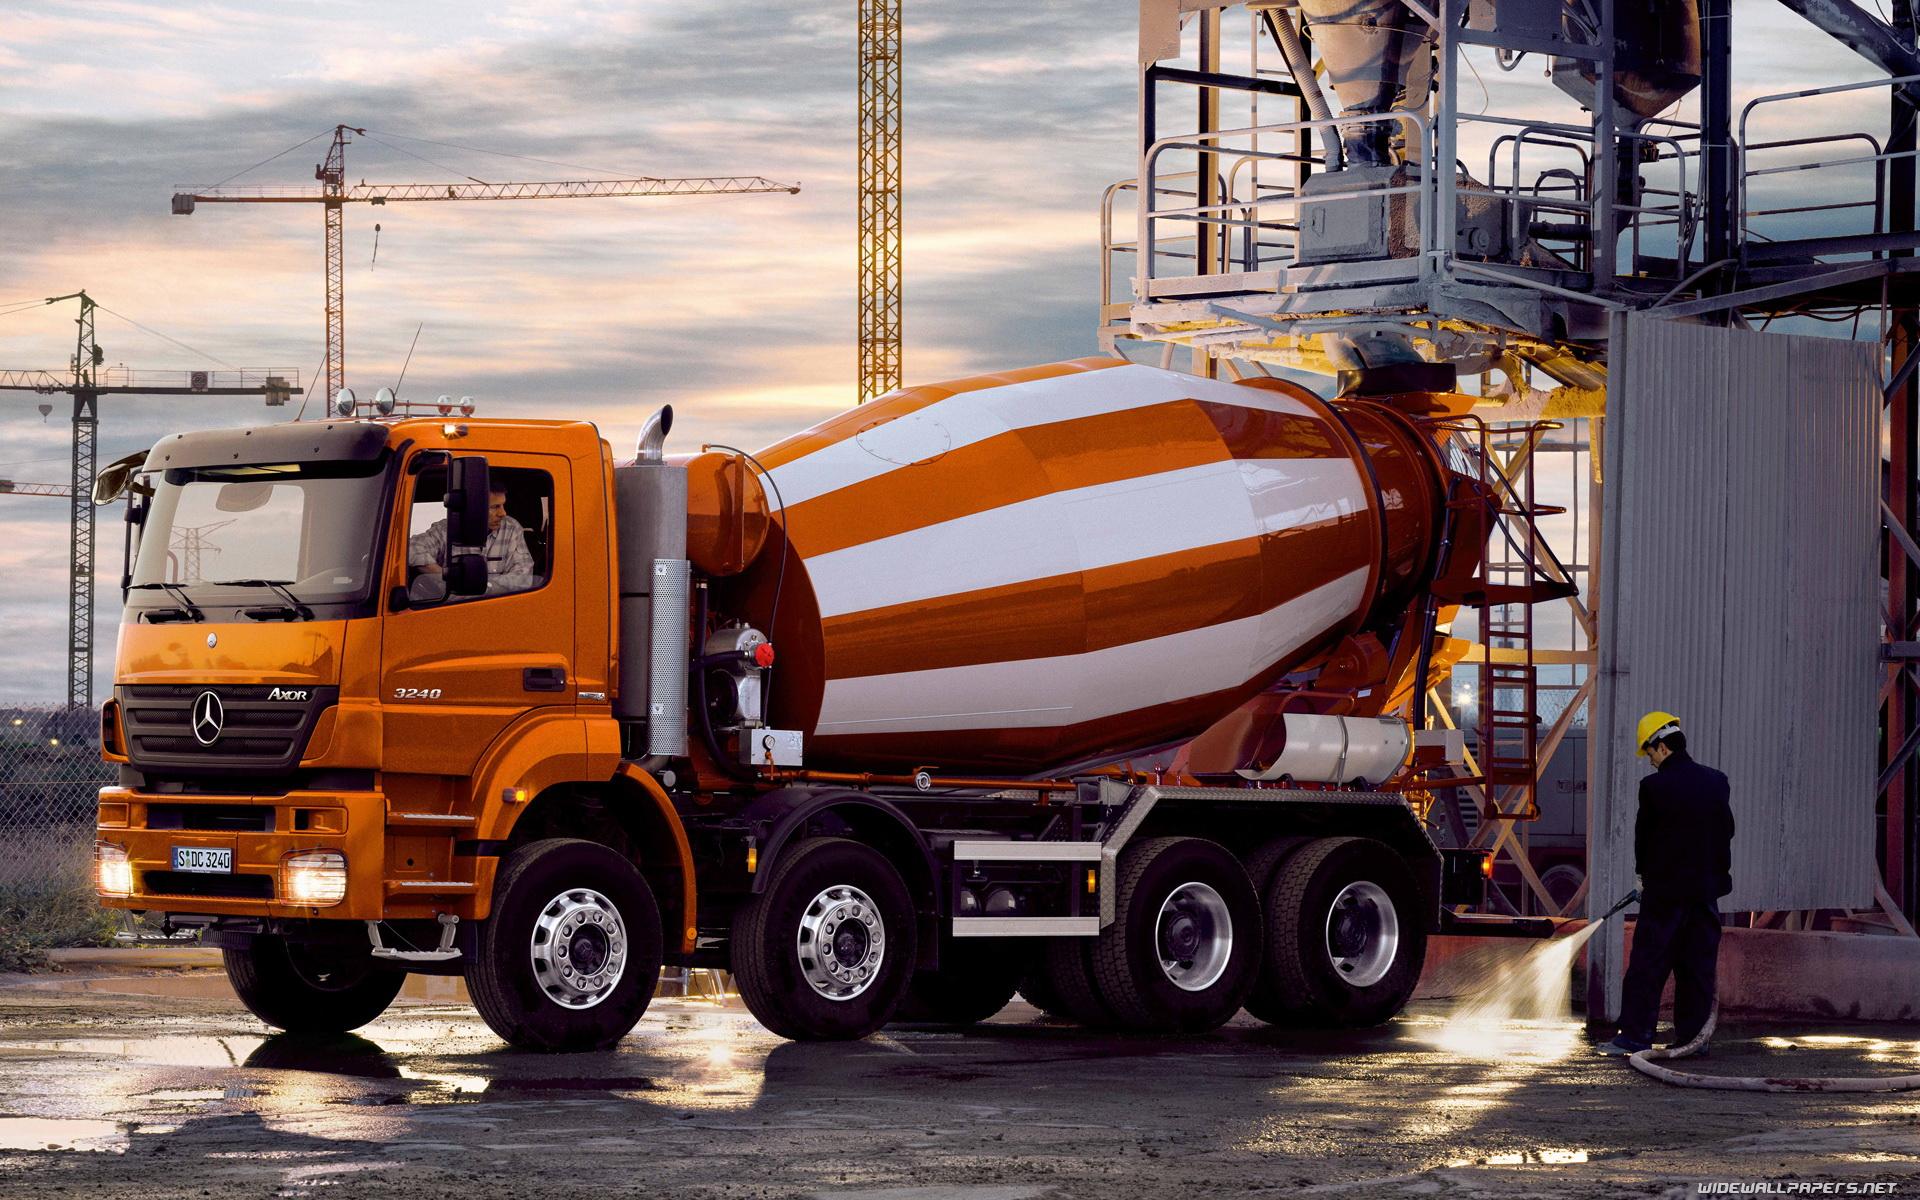 Купить бетон с доставкой в новороссийске тендер бетон